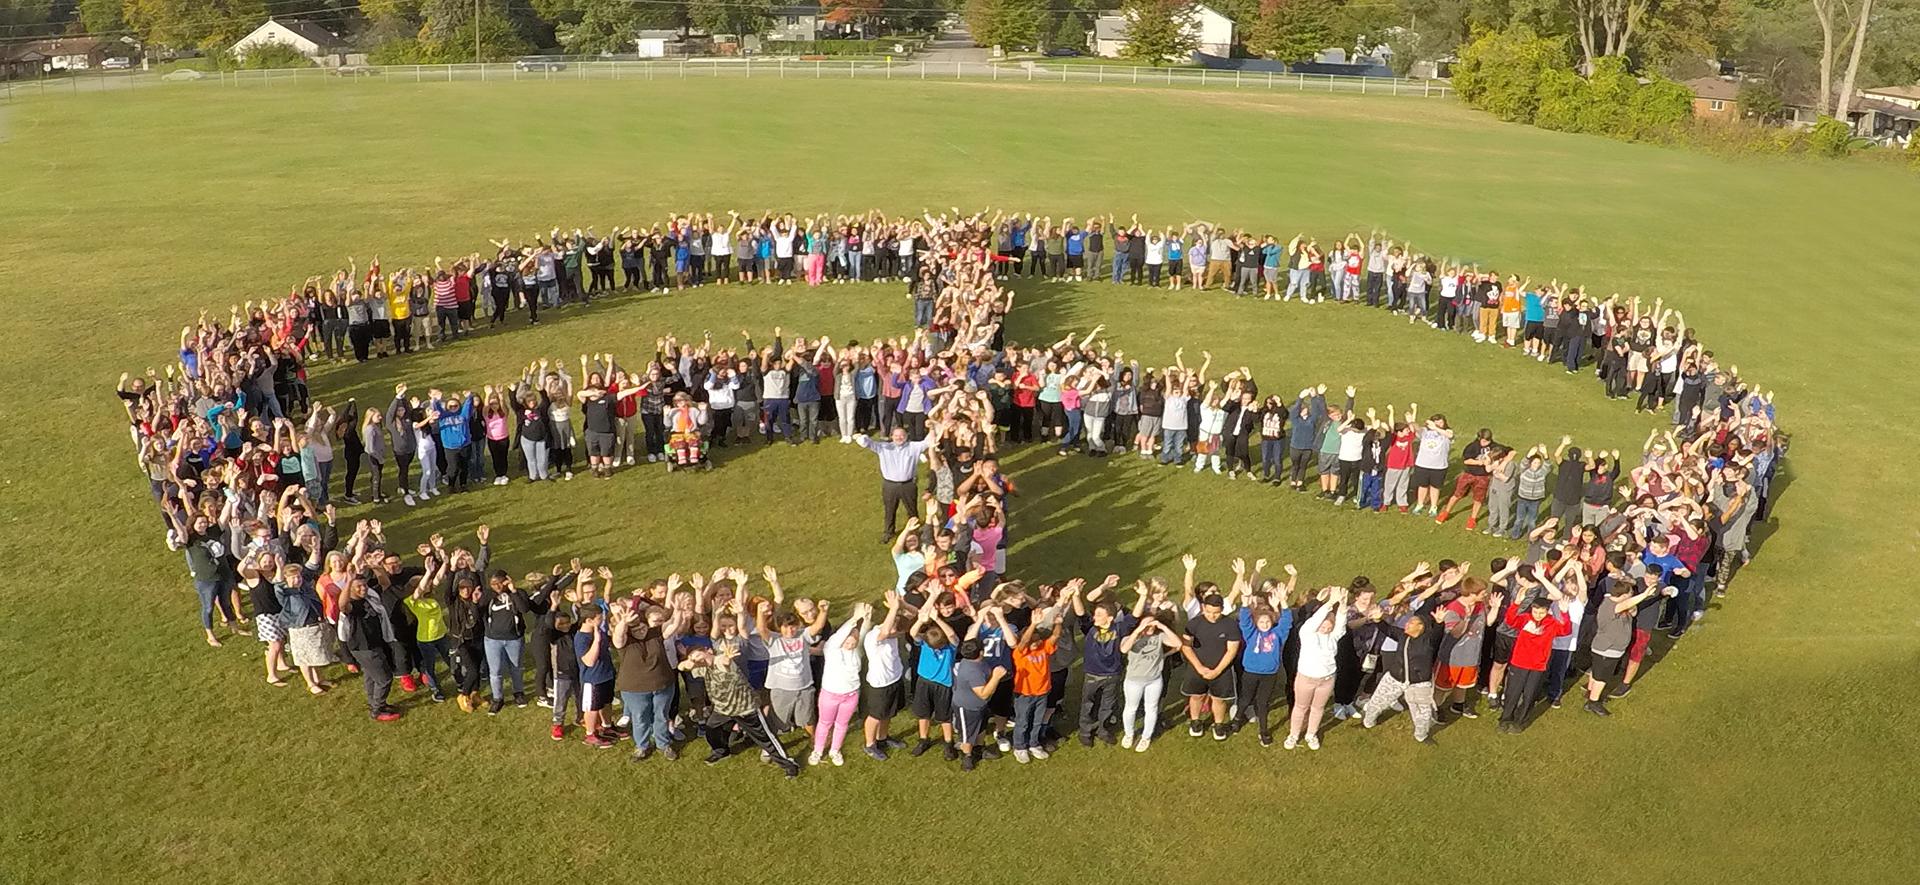 密歇根州加登市高中(Garden City High School,如圖)四名學生送校警聖誕禮物,感動十幾萬網友。(圖片來源:加登高中網站)